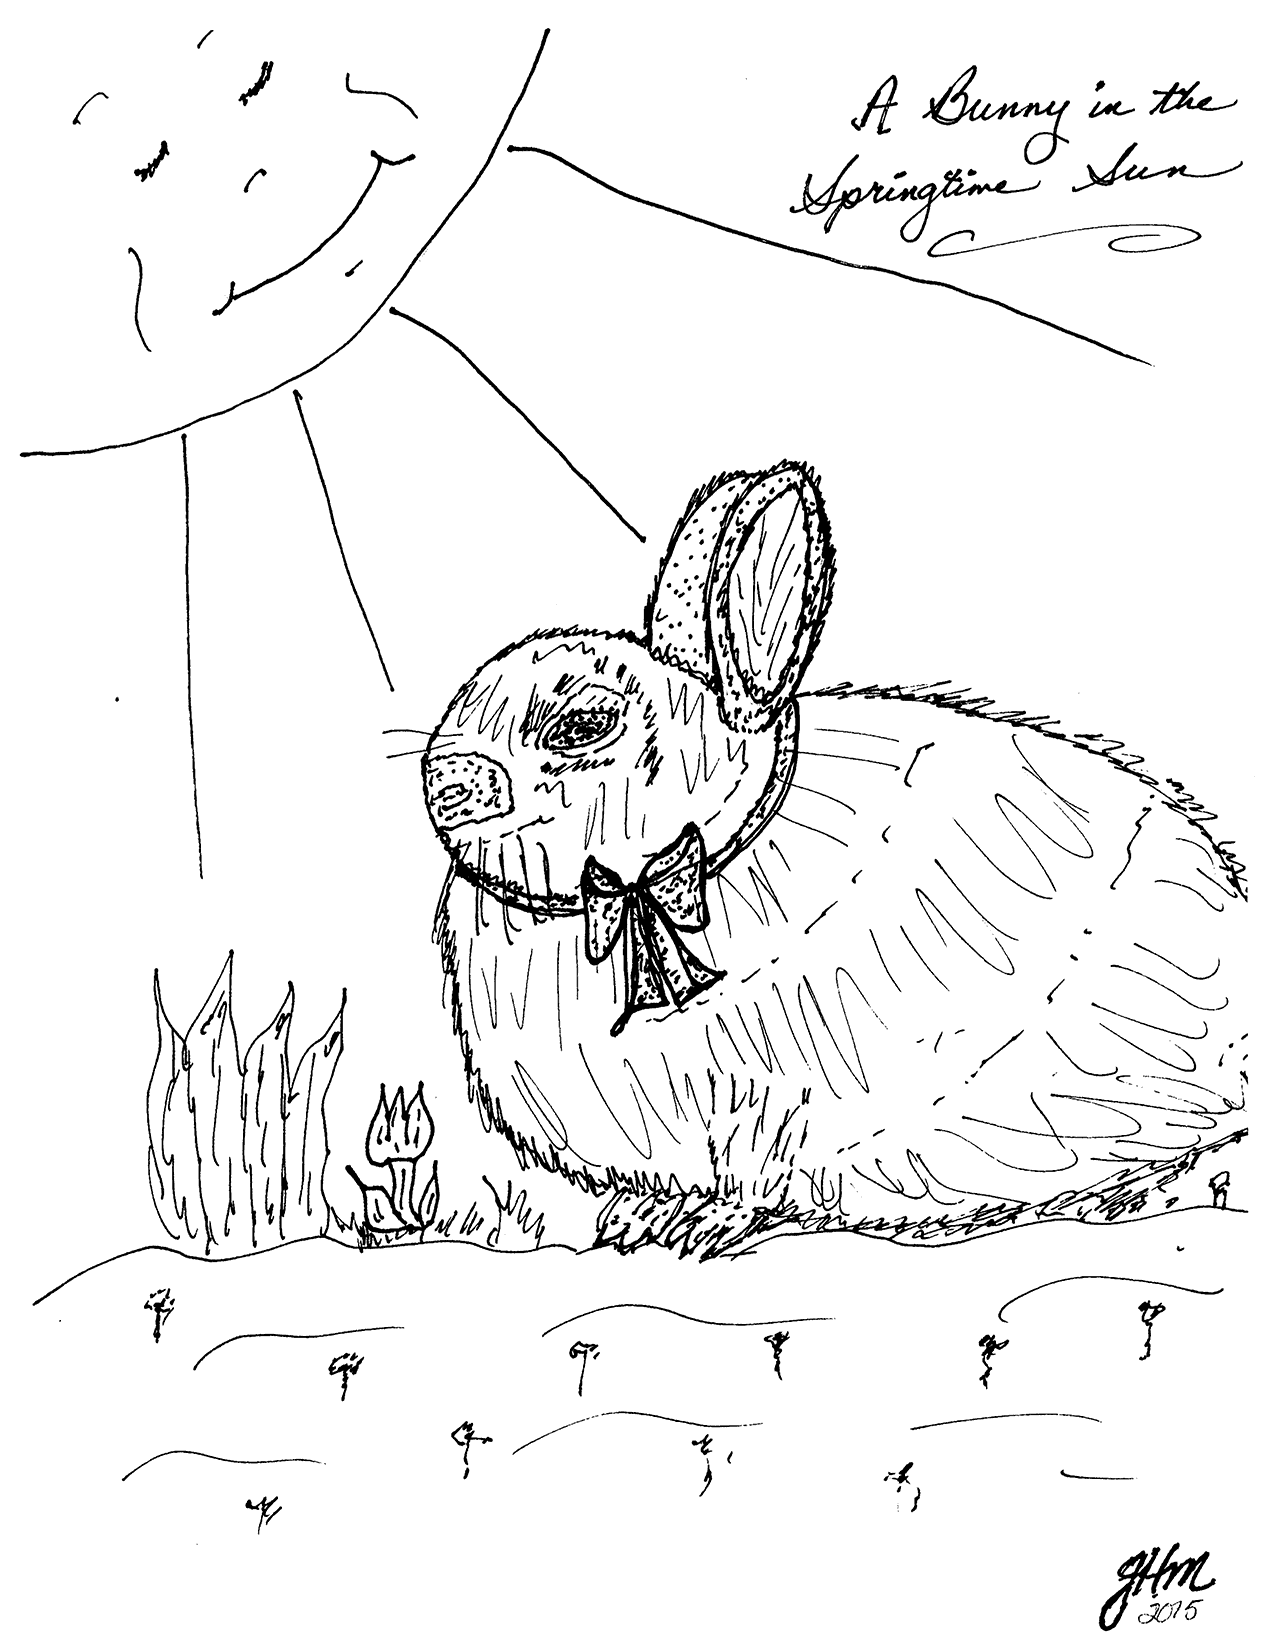 Bunny in Springtime Sun